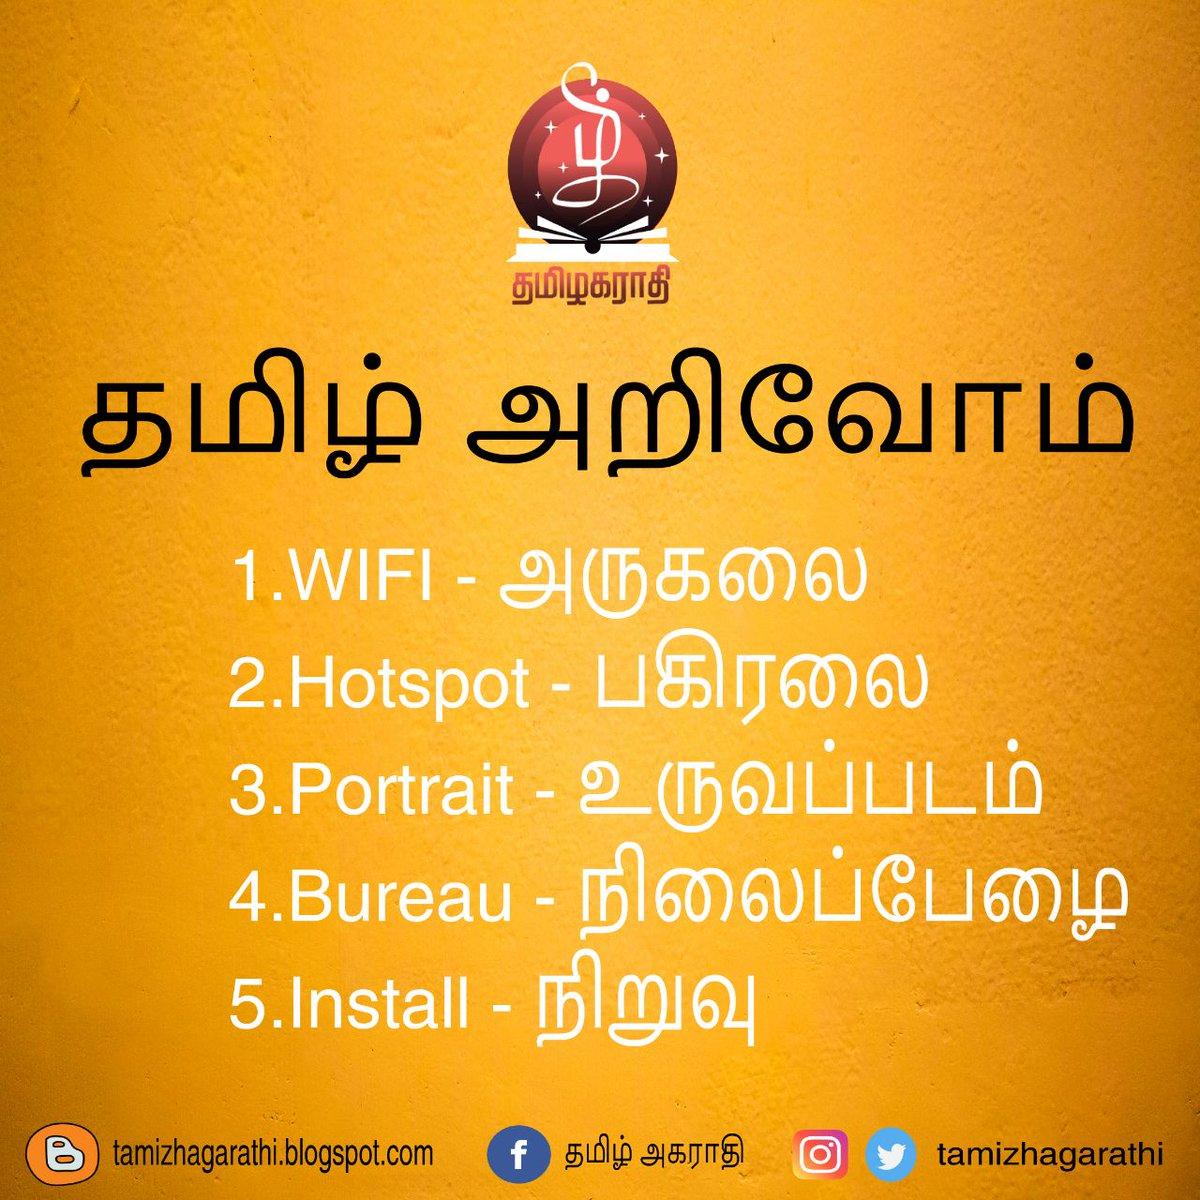 தமிழ் அறிவோம்  - #tamil #love #kollywood #thalapathy #tamilmemes #tamilnadu #vijay #tamilcinema #tamilsong #tamizhi #chennai #thala #tamilactress #tamilan #bharathiyar #trending #tamilbgm #tamilstatus #india #tamilsongs #kerala #tamillyrics #tamily #tamilmovie #racismpic.twitter.com/o97mWOOSZ4